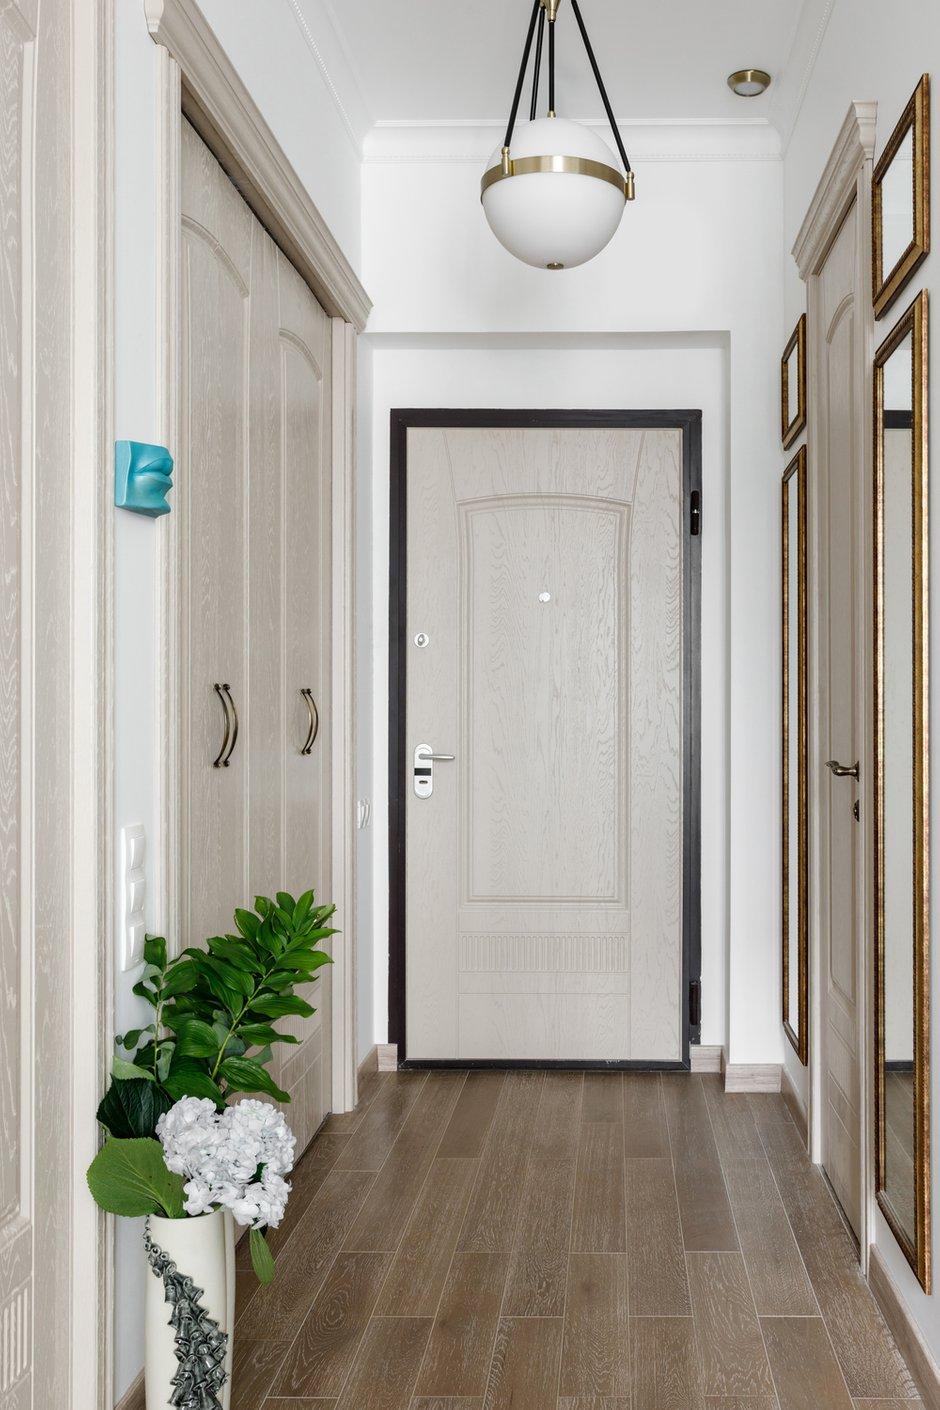 Фотография: Прихожая в стиле Современный, Квартира, Проект недели, Москва, 1 комната, до 40 метров, Мария Устинова – фото на INMYROOM